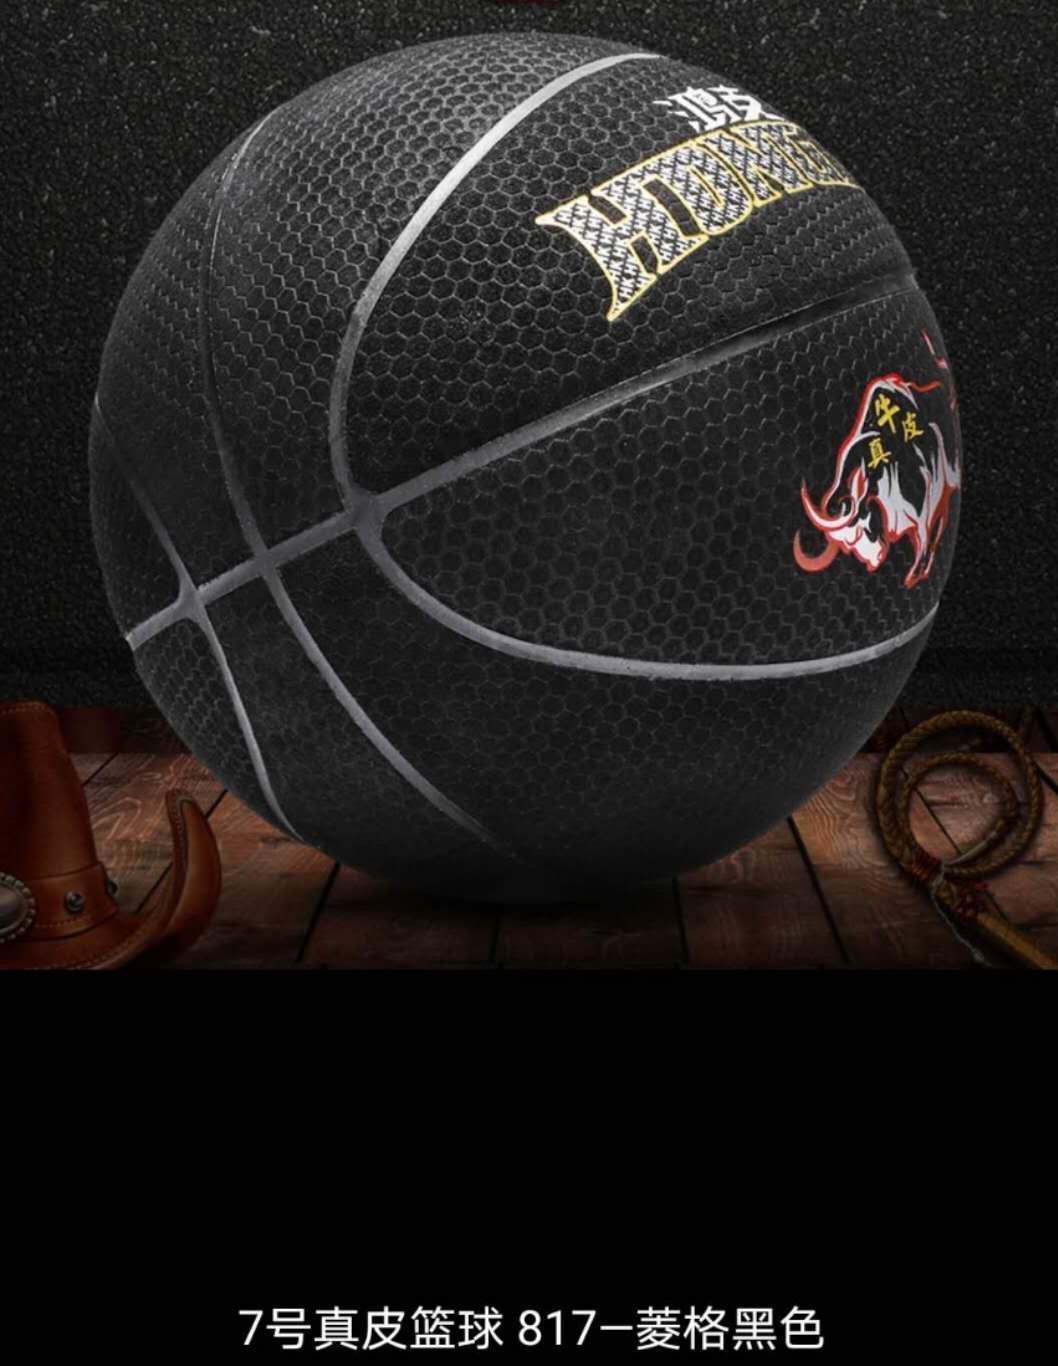 宁德篮球-要买专业篮球-当选鸿克